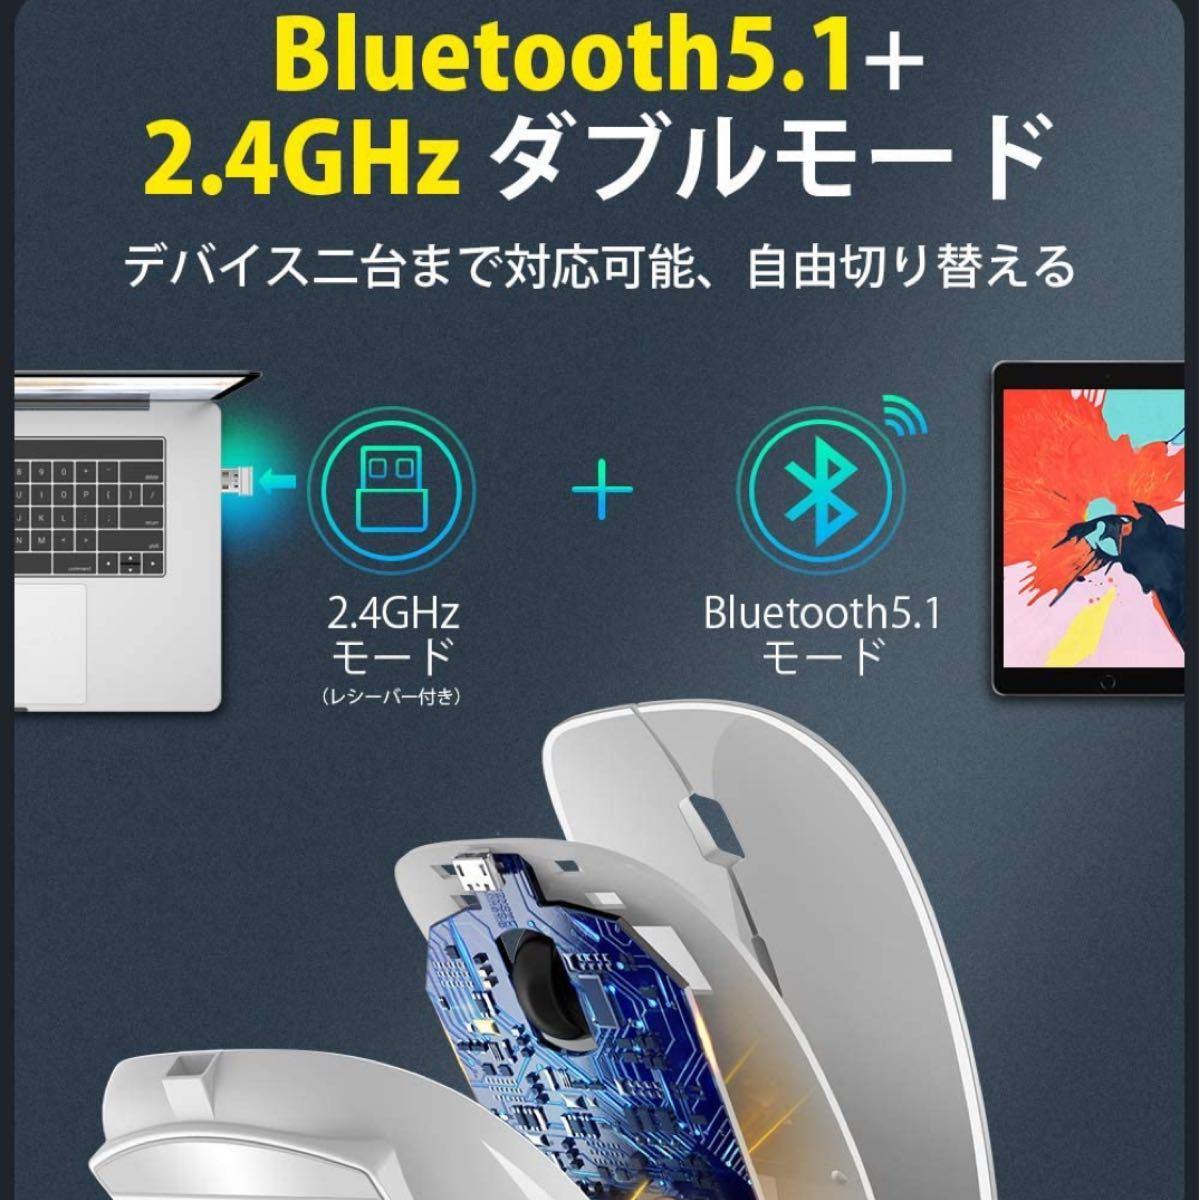 ワイヤレスマウス Bluetooth マウス Bluetooth5.1 無線マウス USB充電式 小型 静音(ホワイト)